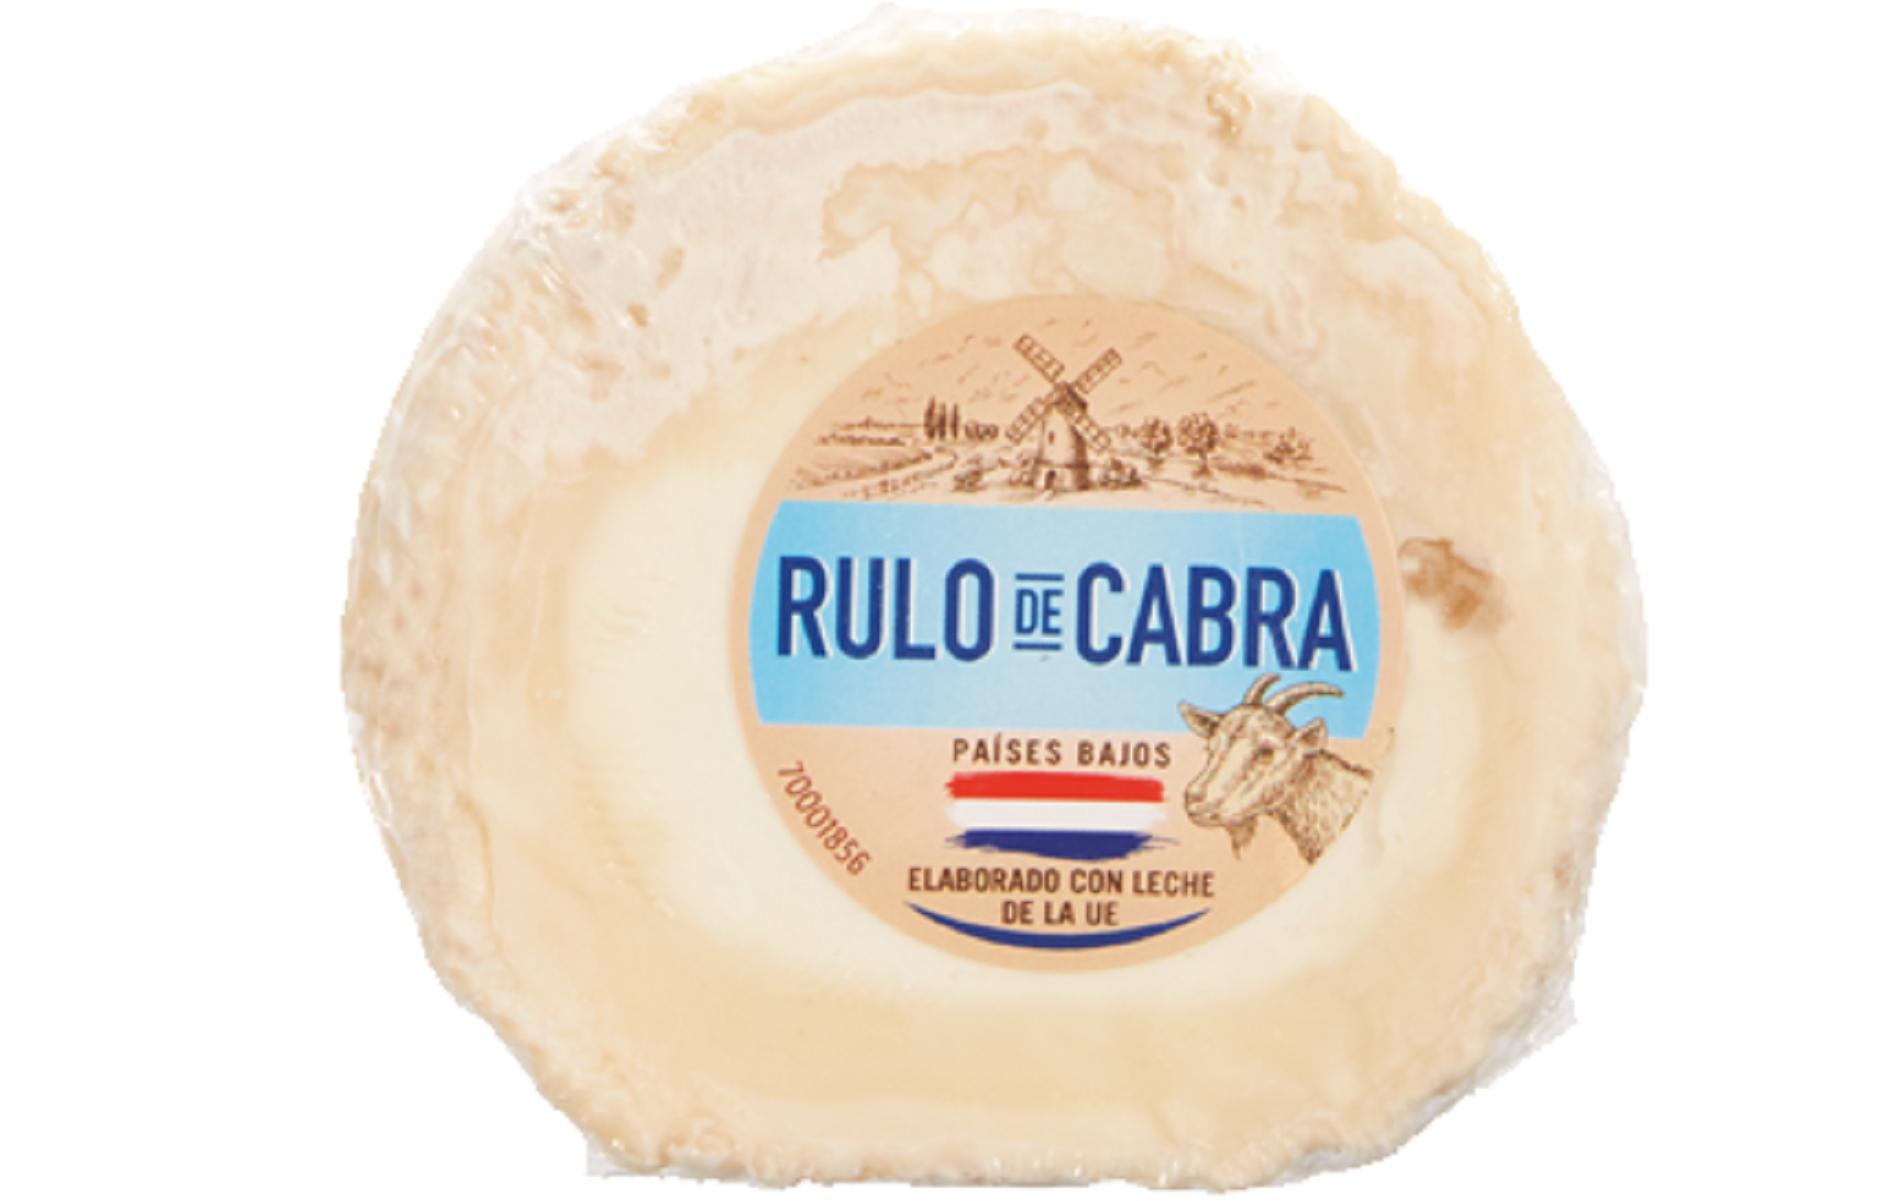 Alerta Sanitaria: La alemana Lidl retira un queso de cabra por presencia de listeria 1